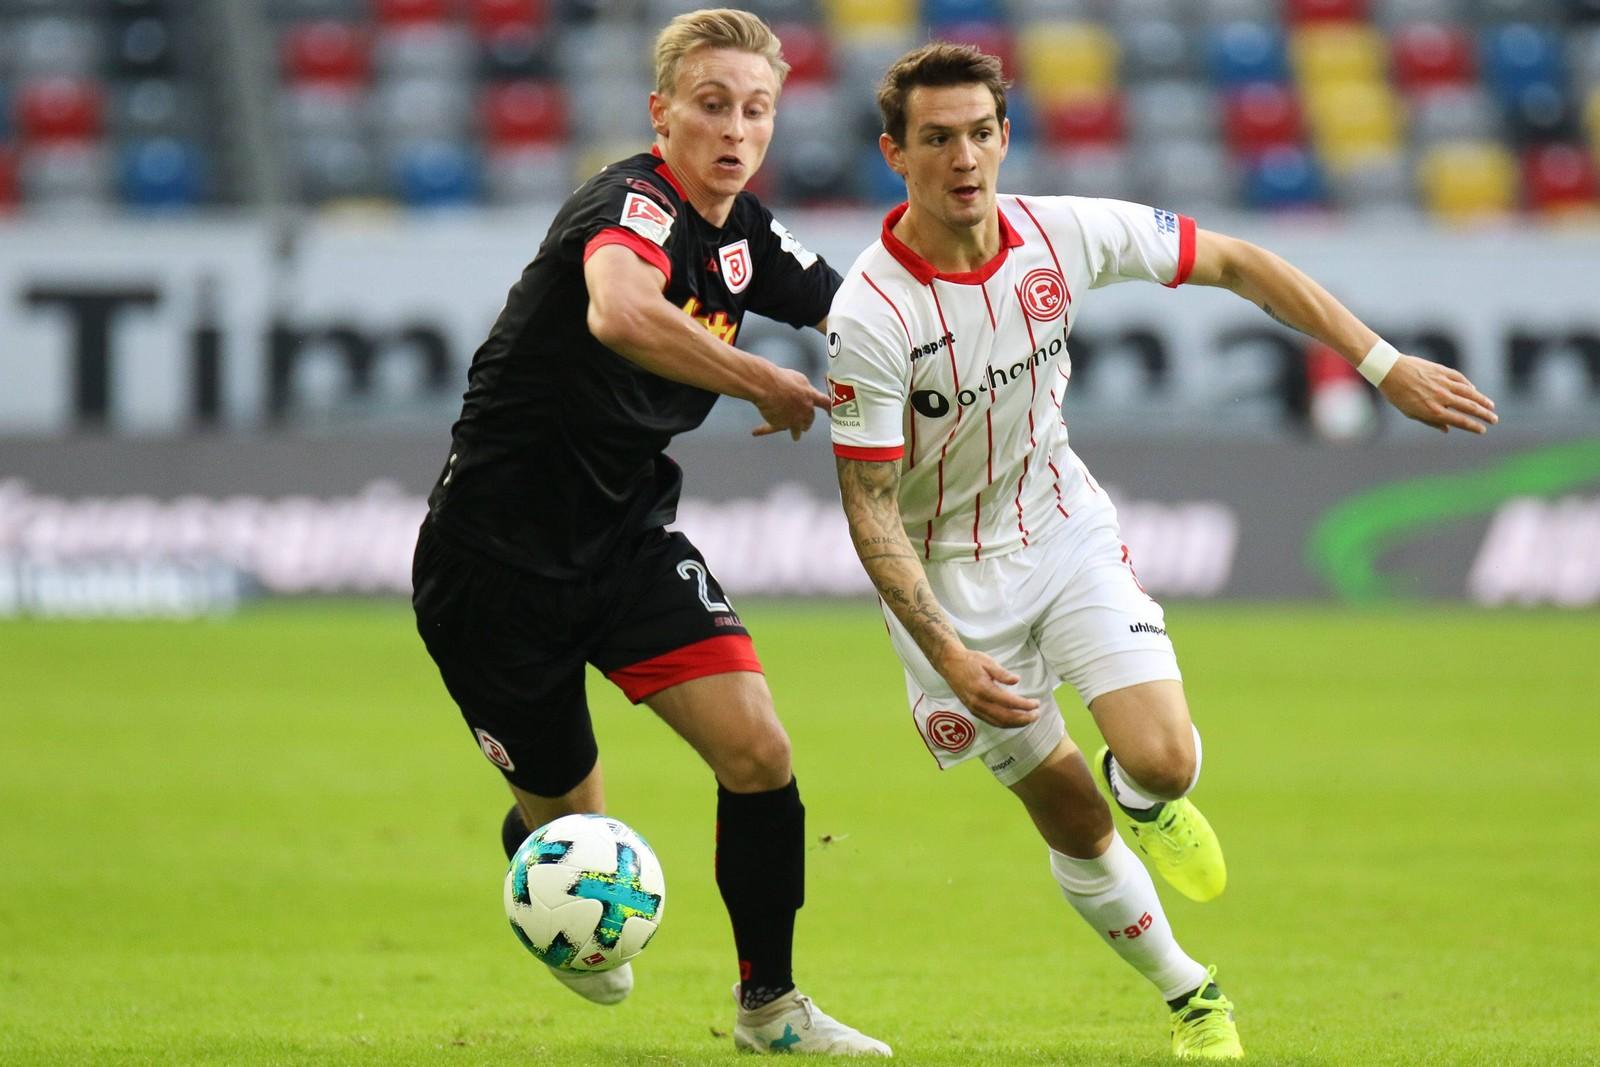 Joshua Mees von Jahn Regensburg und Benito Raman von Fortuna Düsseldorf